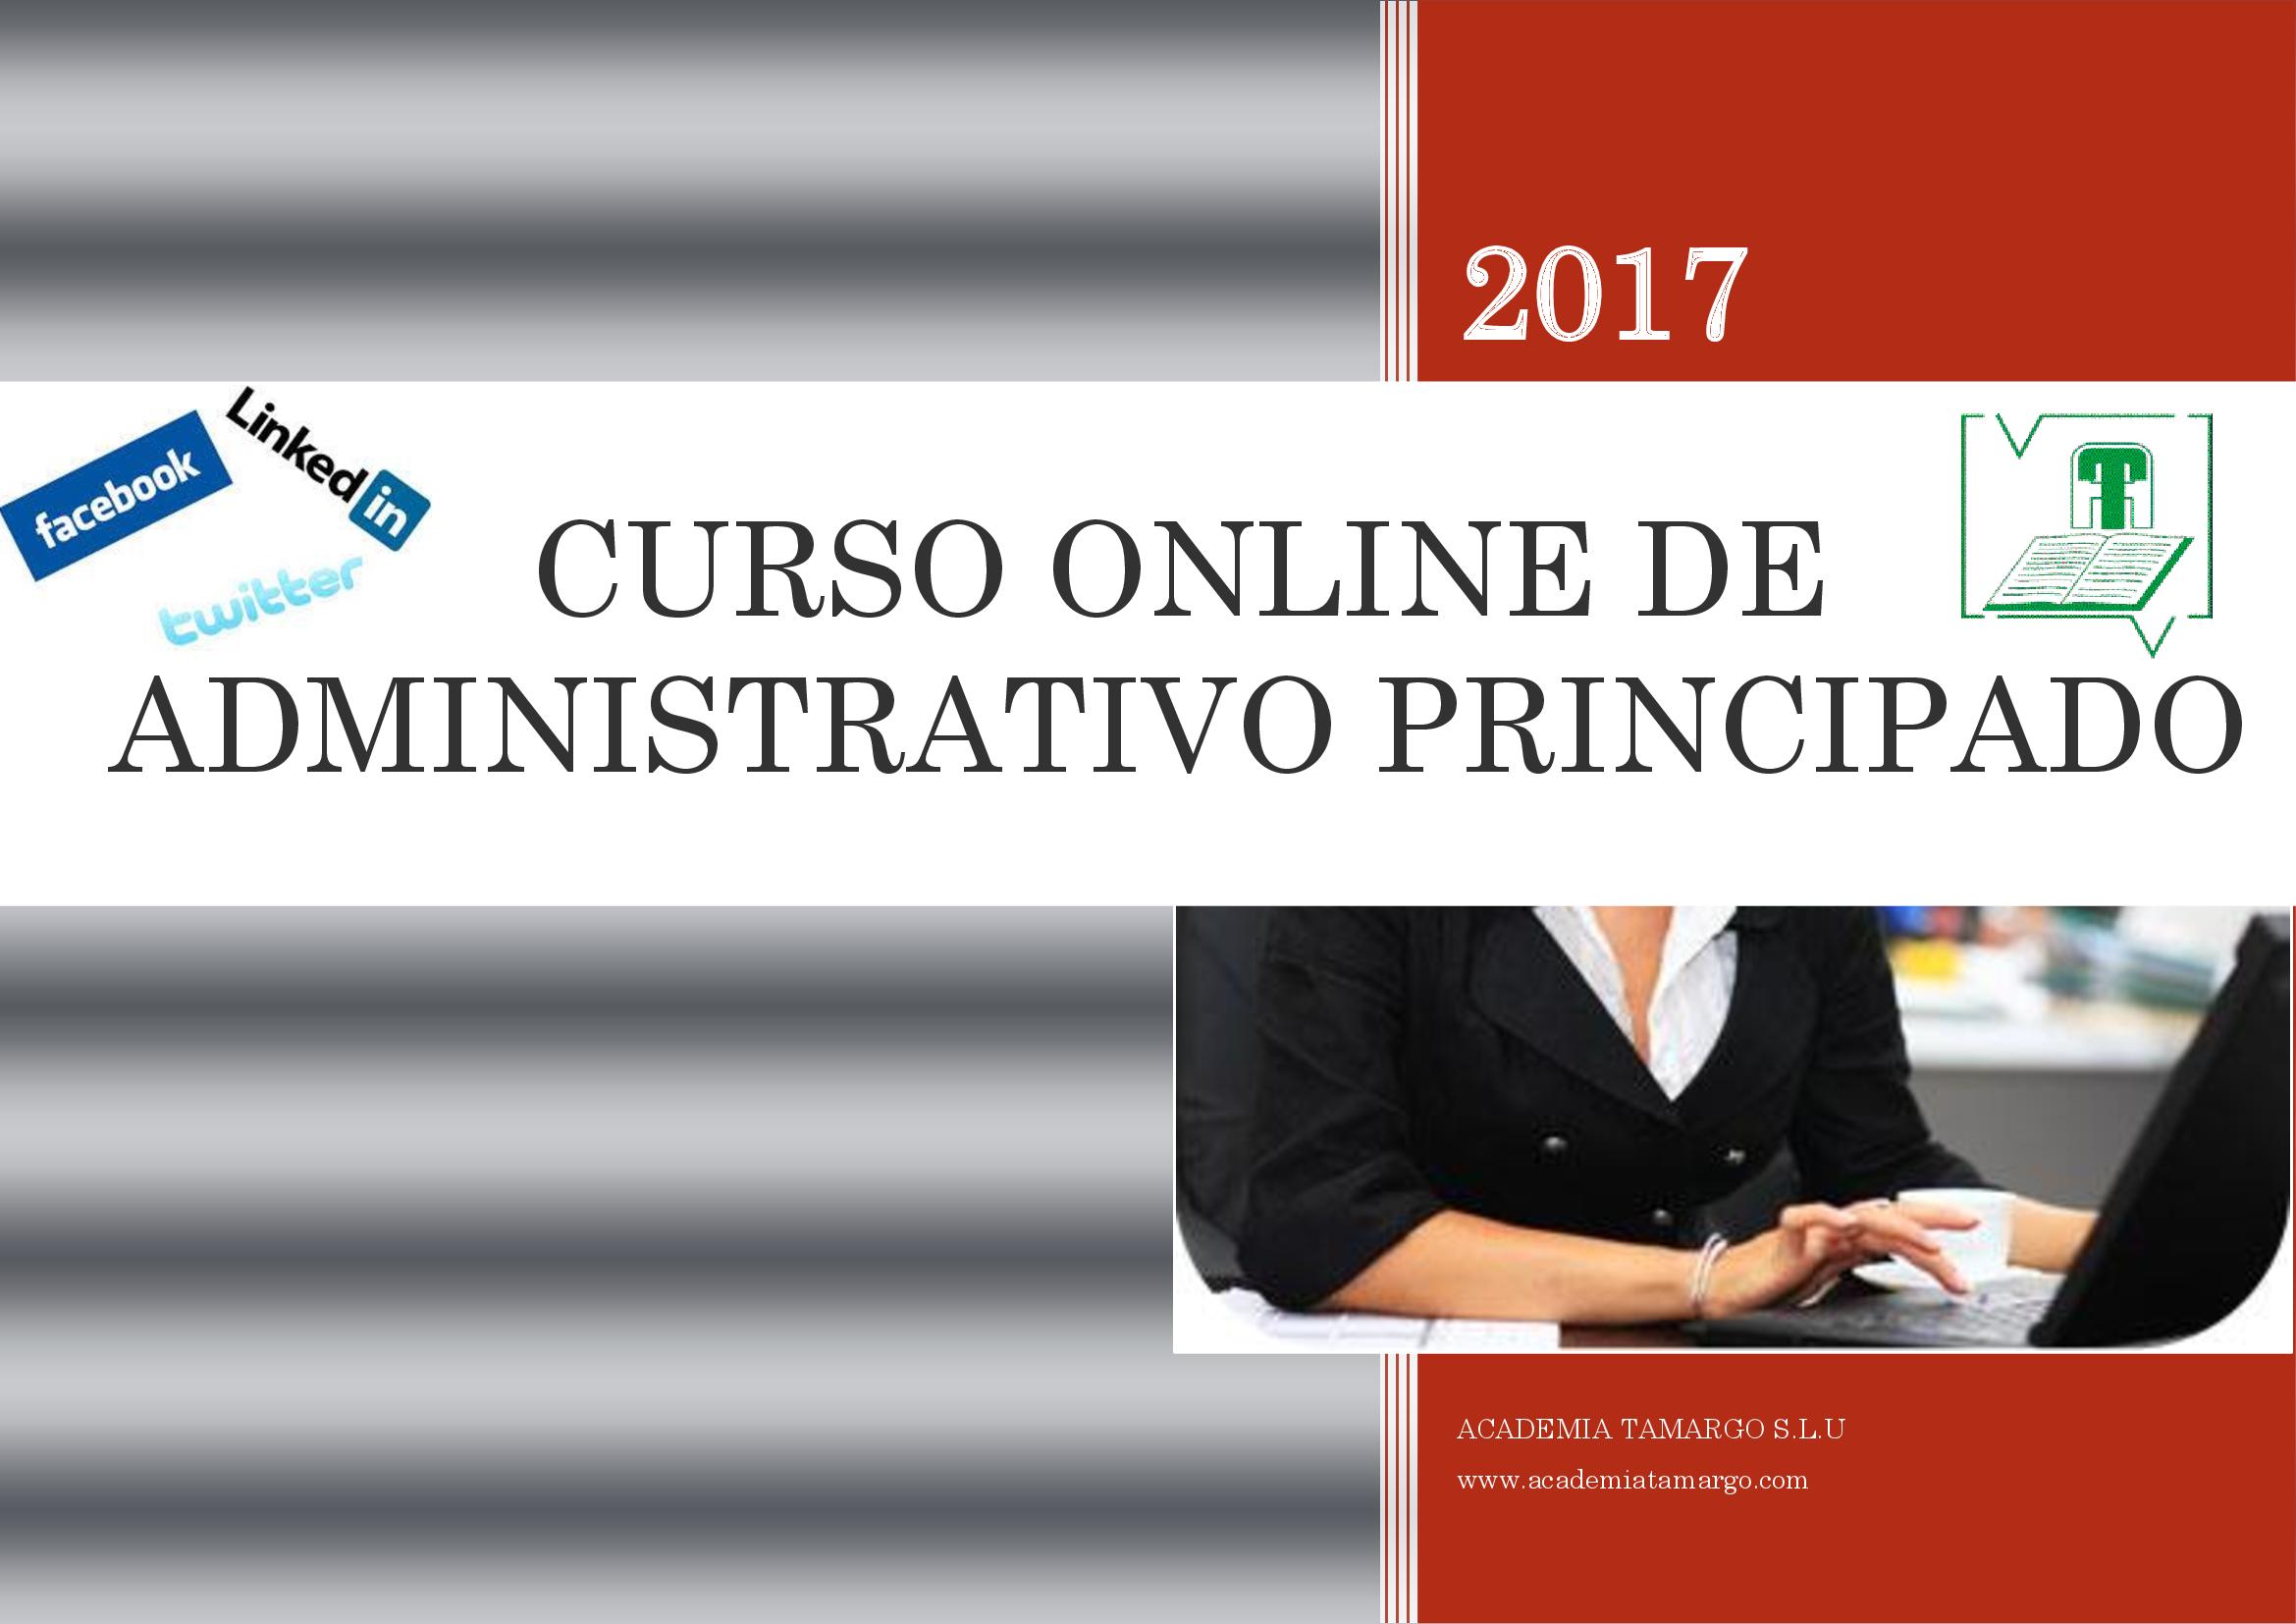 PORTADA-DE-CURSO-ONLINE-DE-ADMINISTRATIVO. (1)